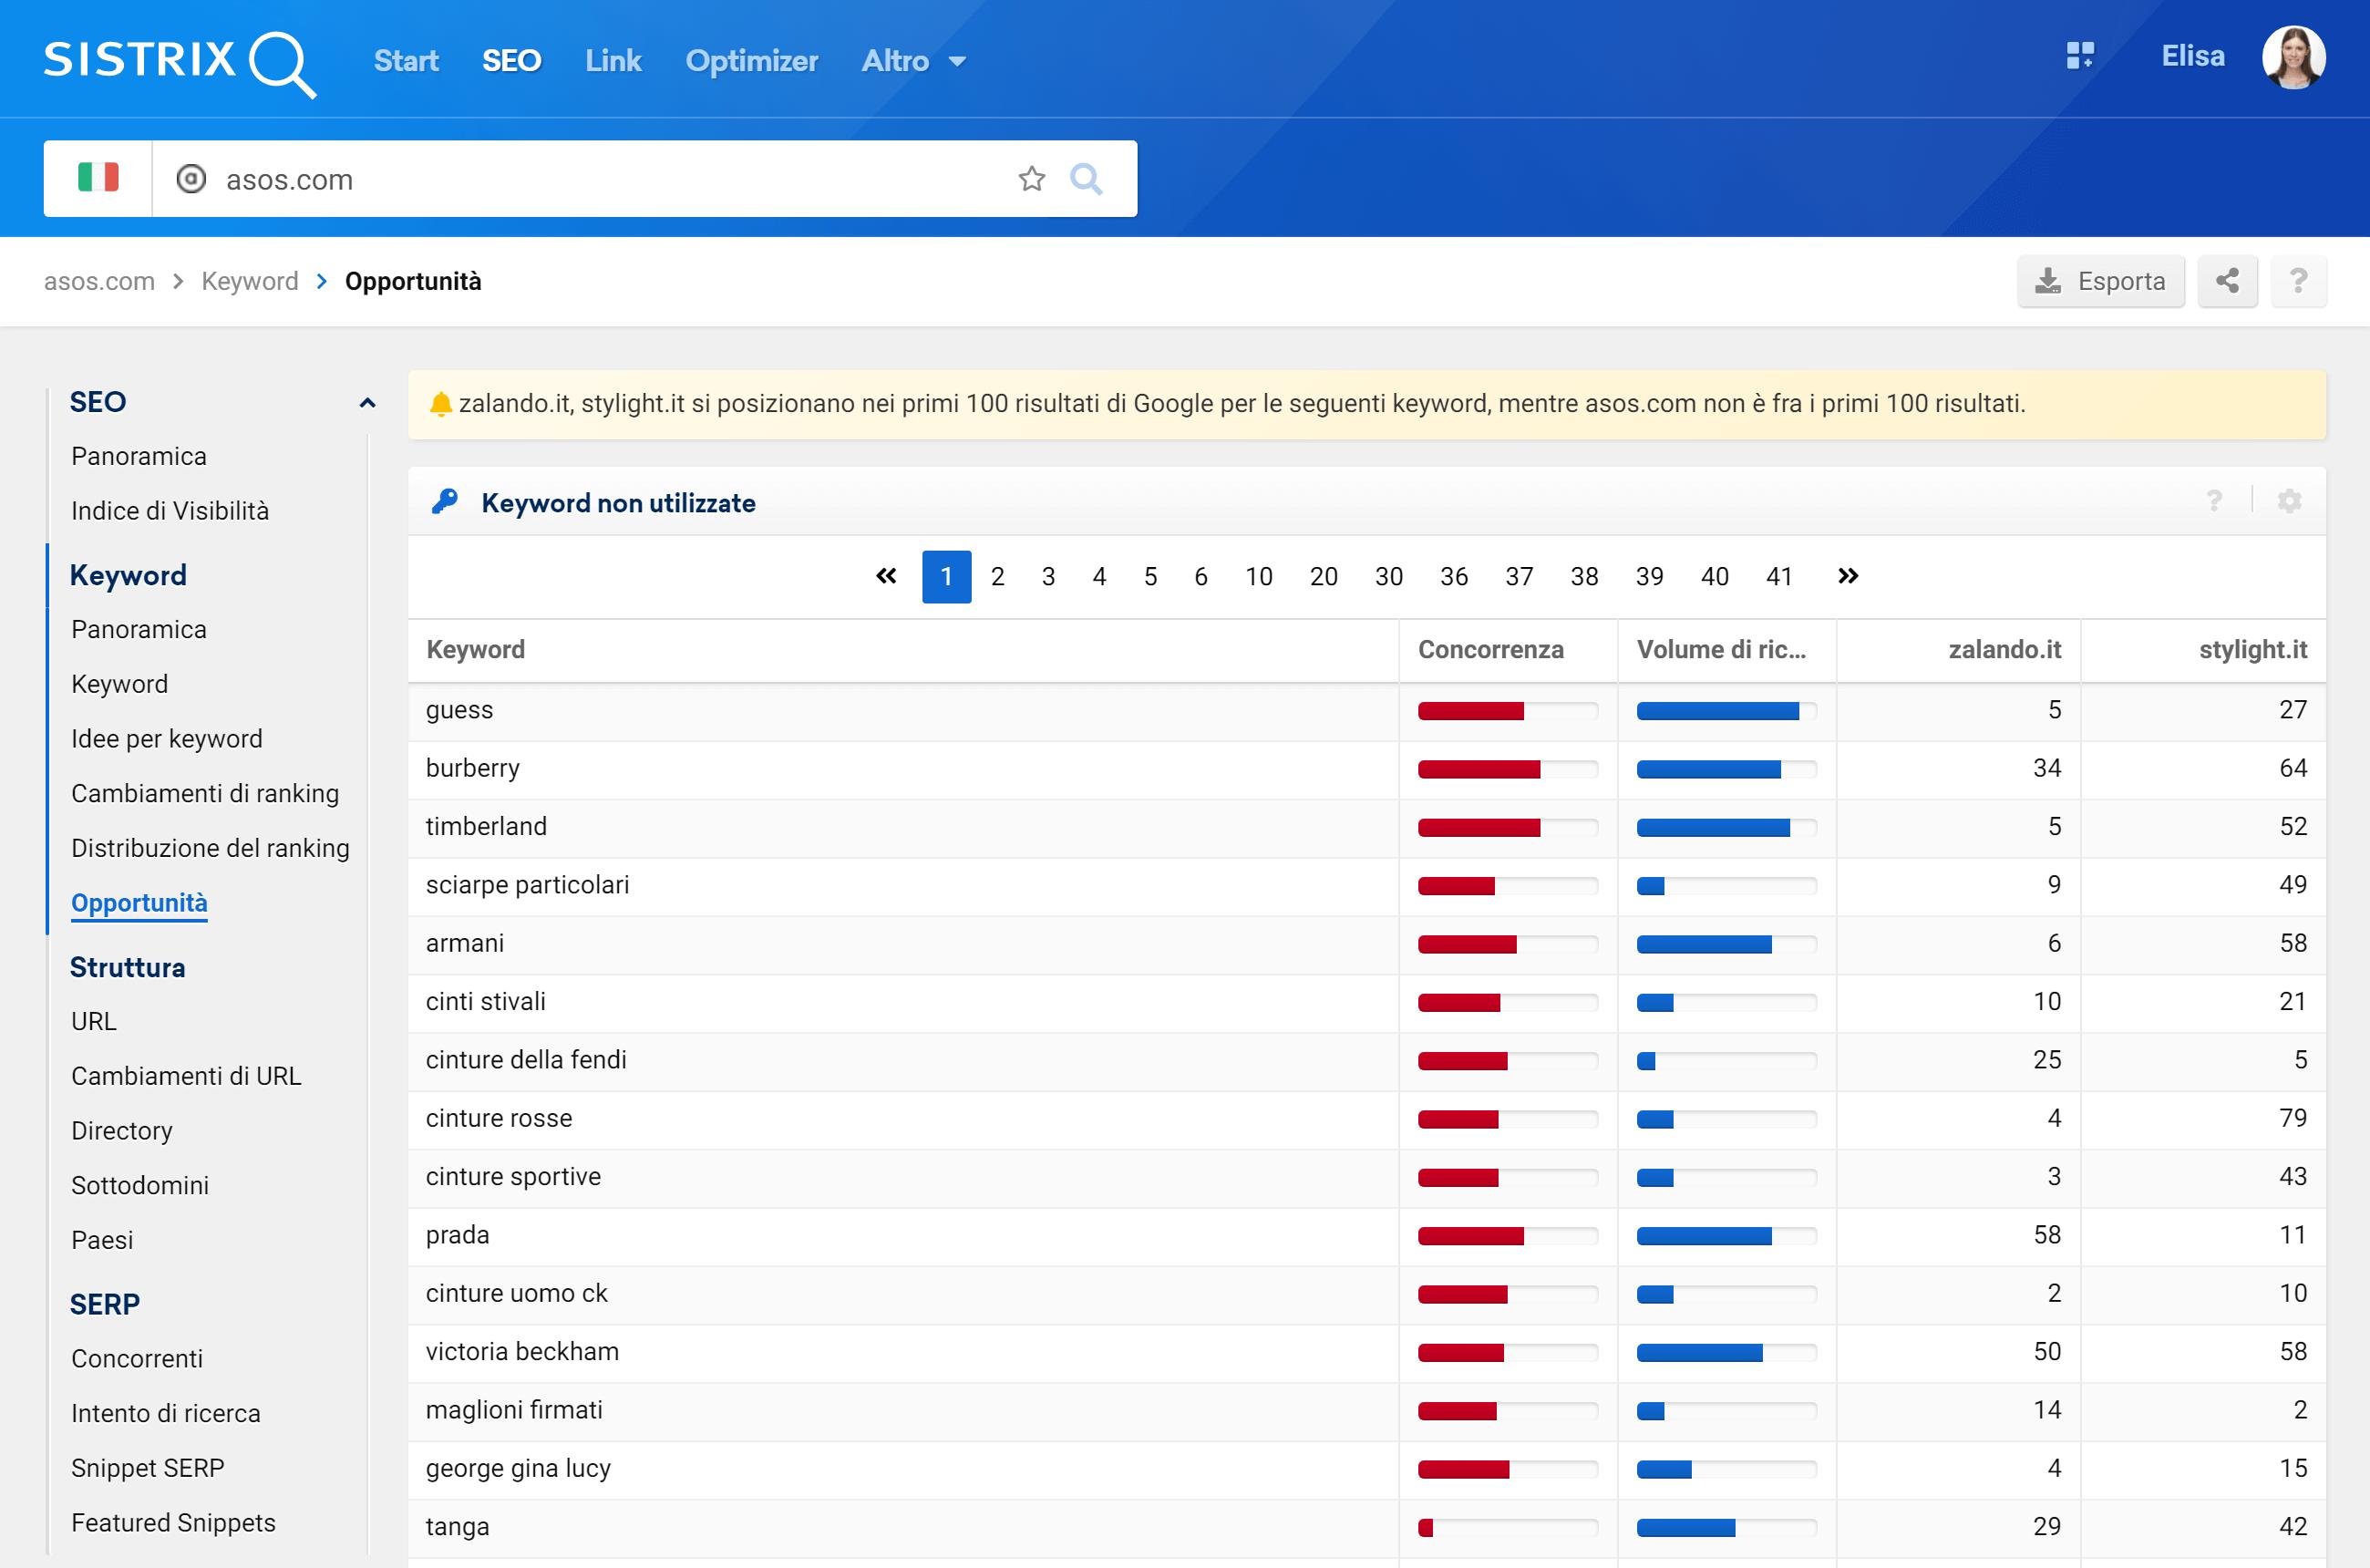 Toolbox SISTRIX: confronto tra zalando.it e stilight.it per trovare le opportnità per asos.com